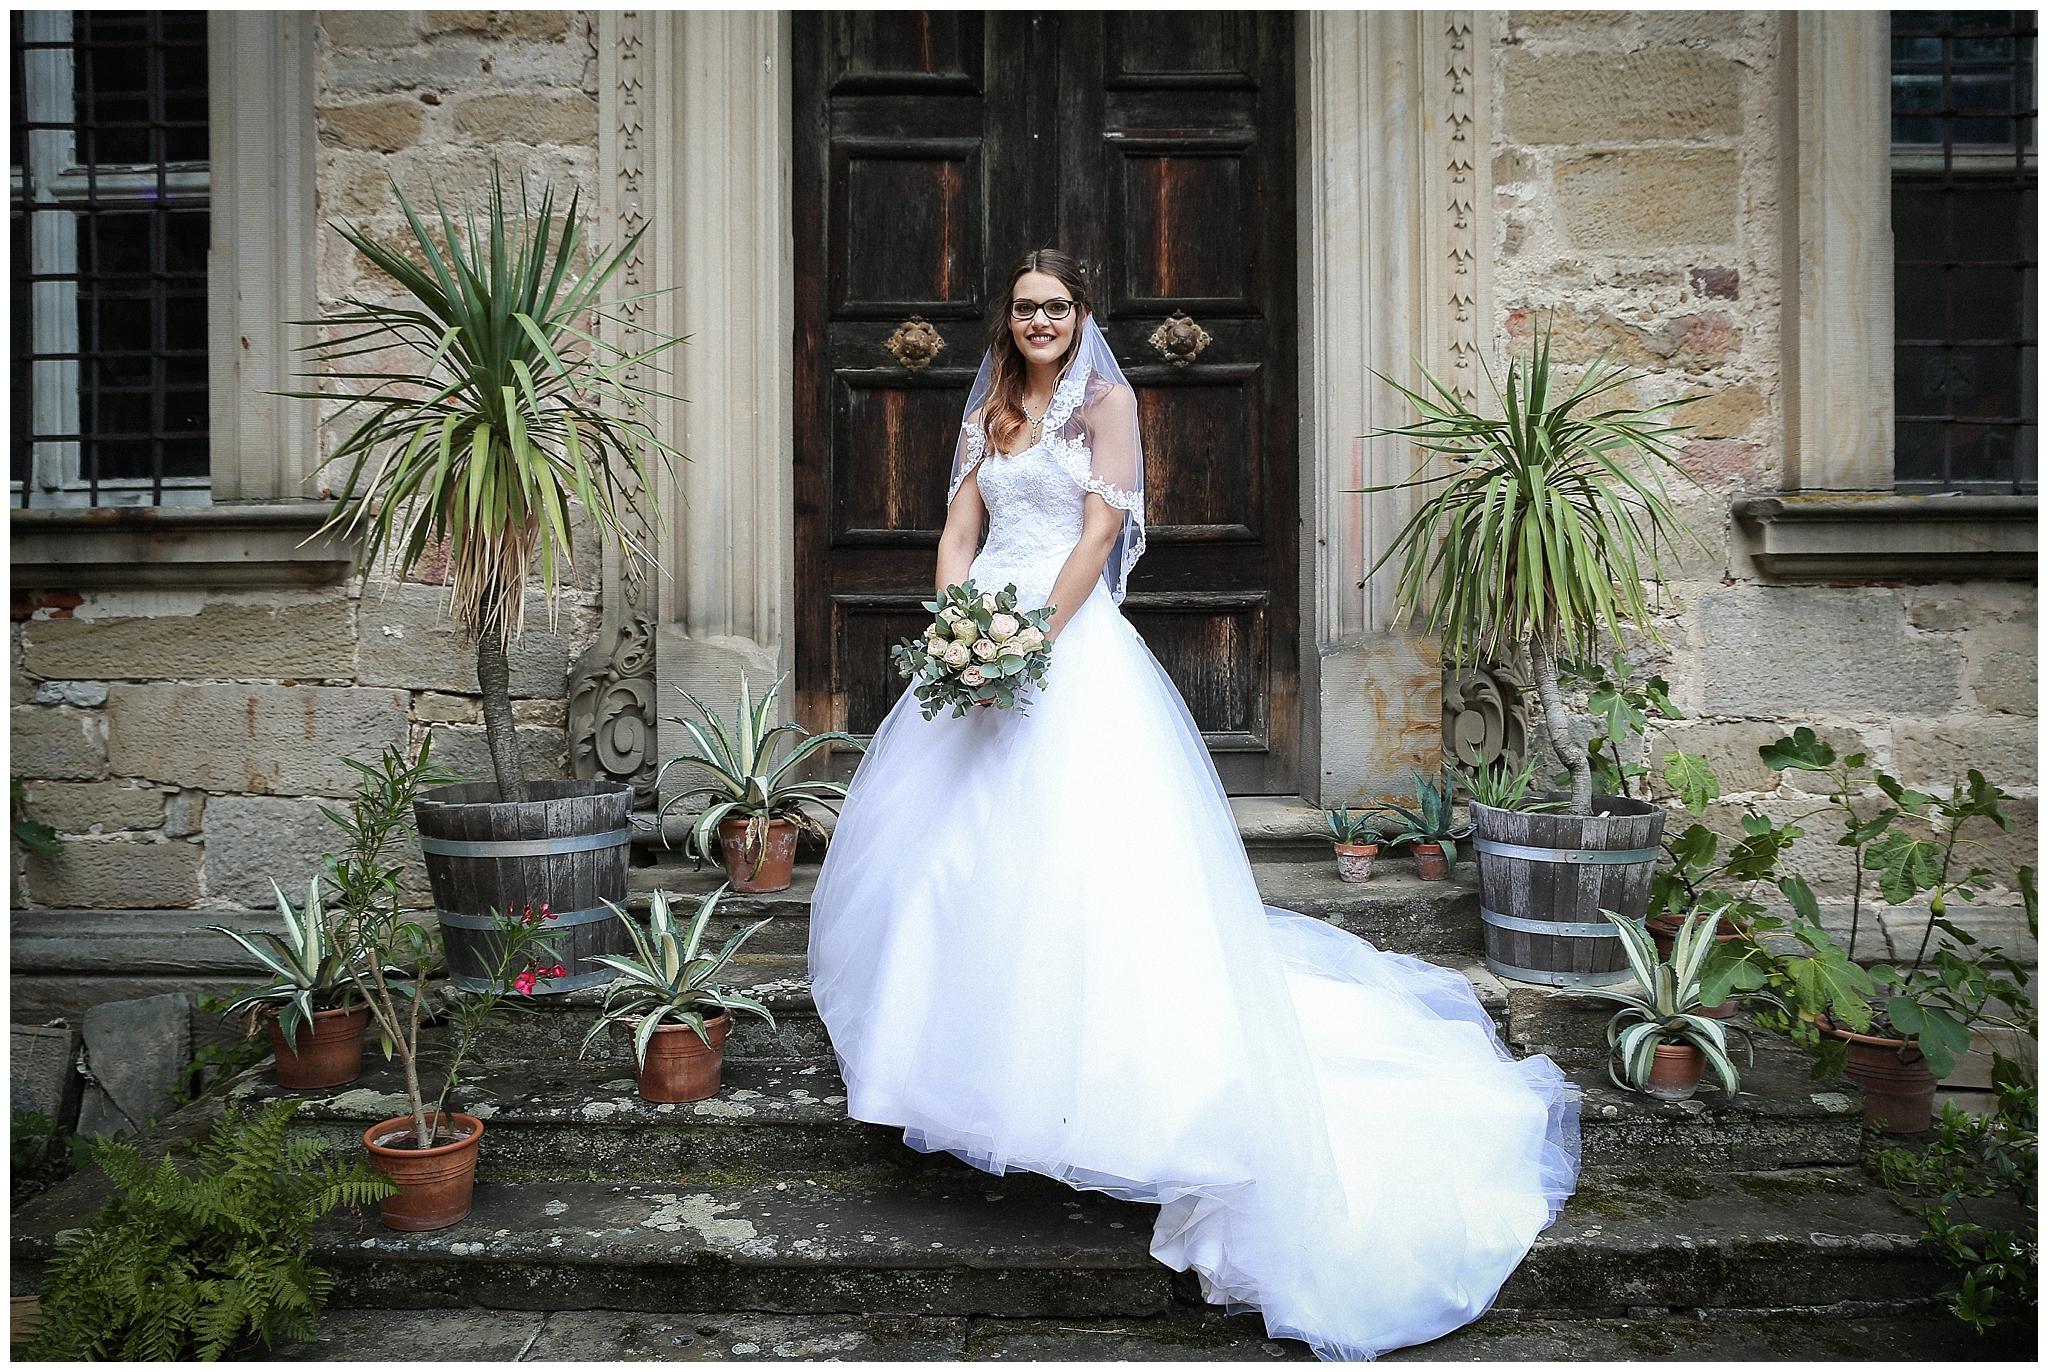 Hochzeit_Menninger_dieLICHTBUILDER_67.jpg